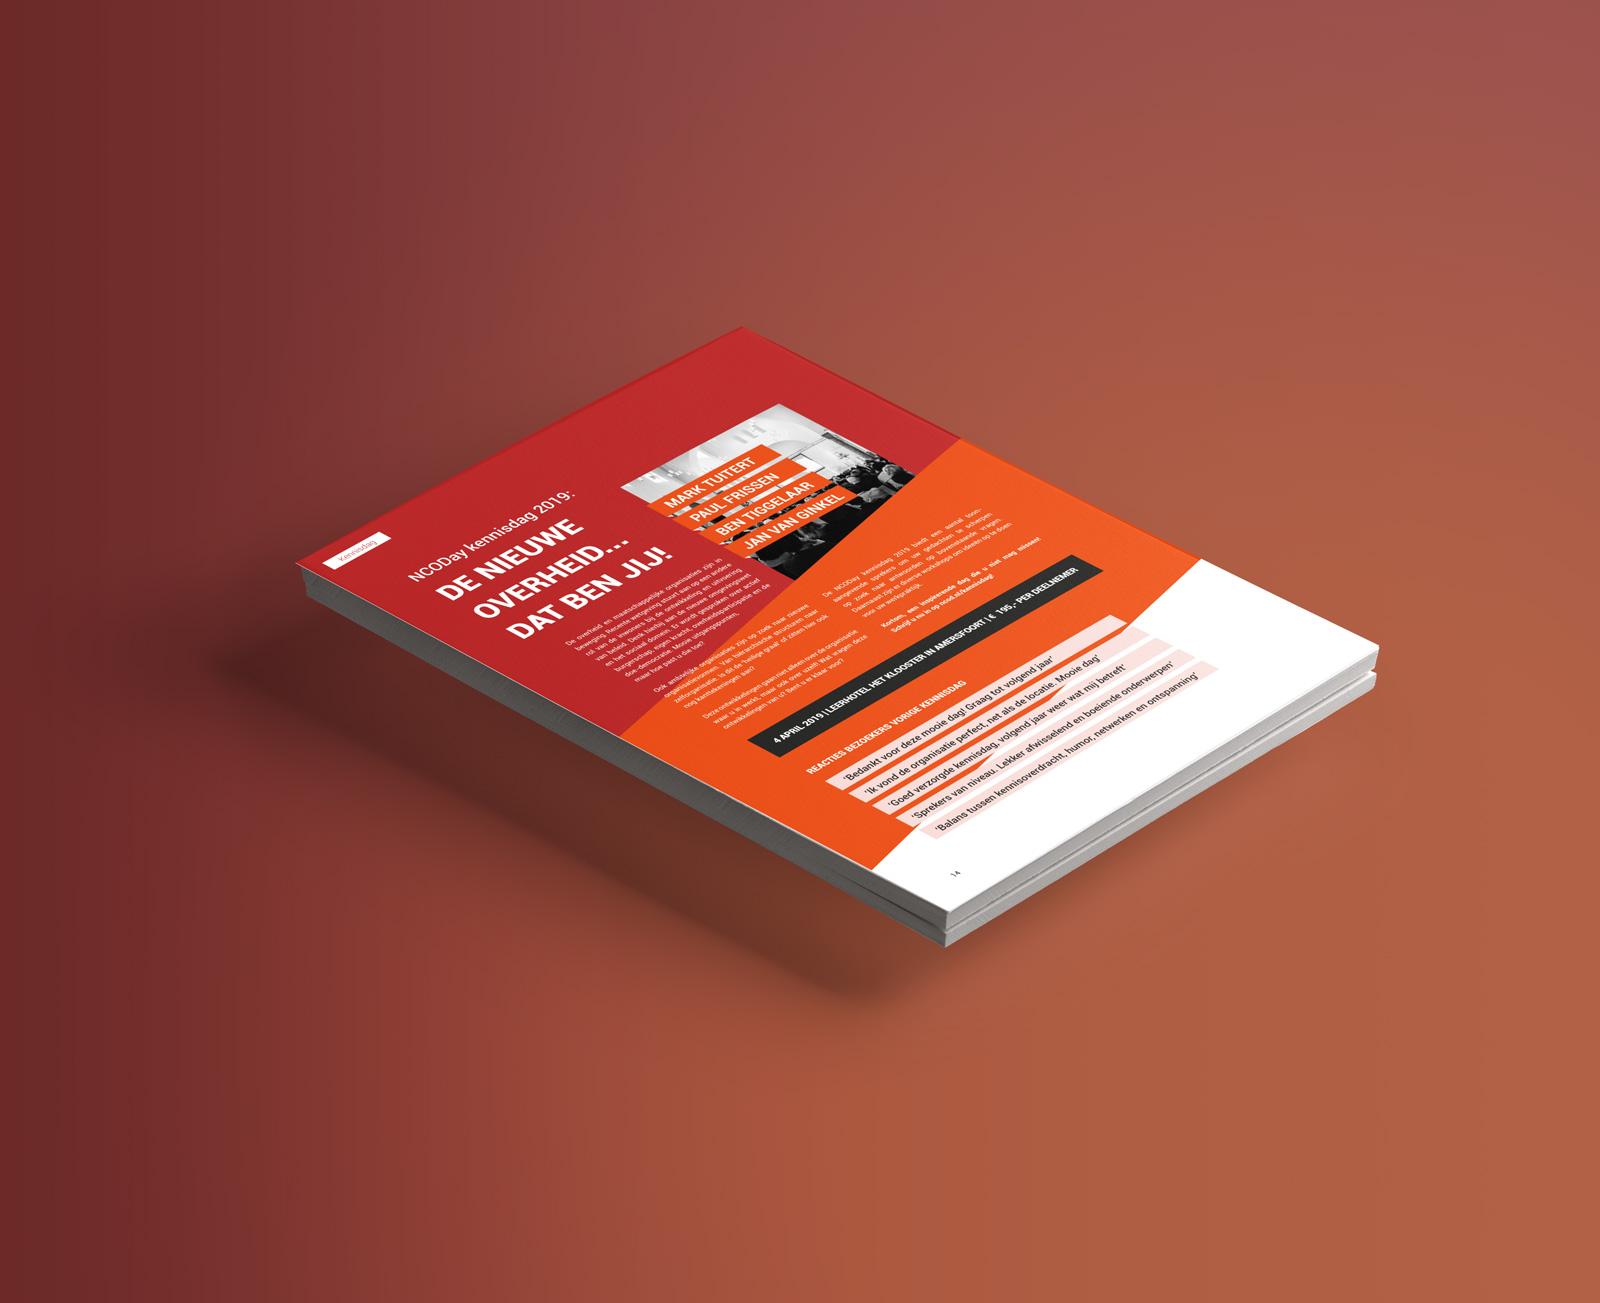 Beeldmarq - Grafische vormgeving & communicatie |NCOD huisstijl